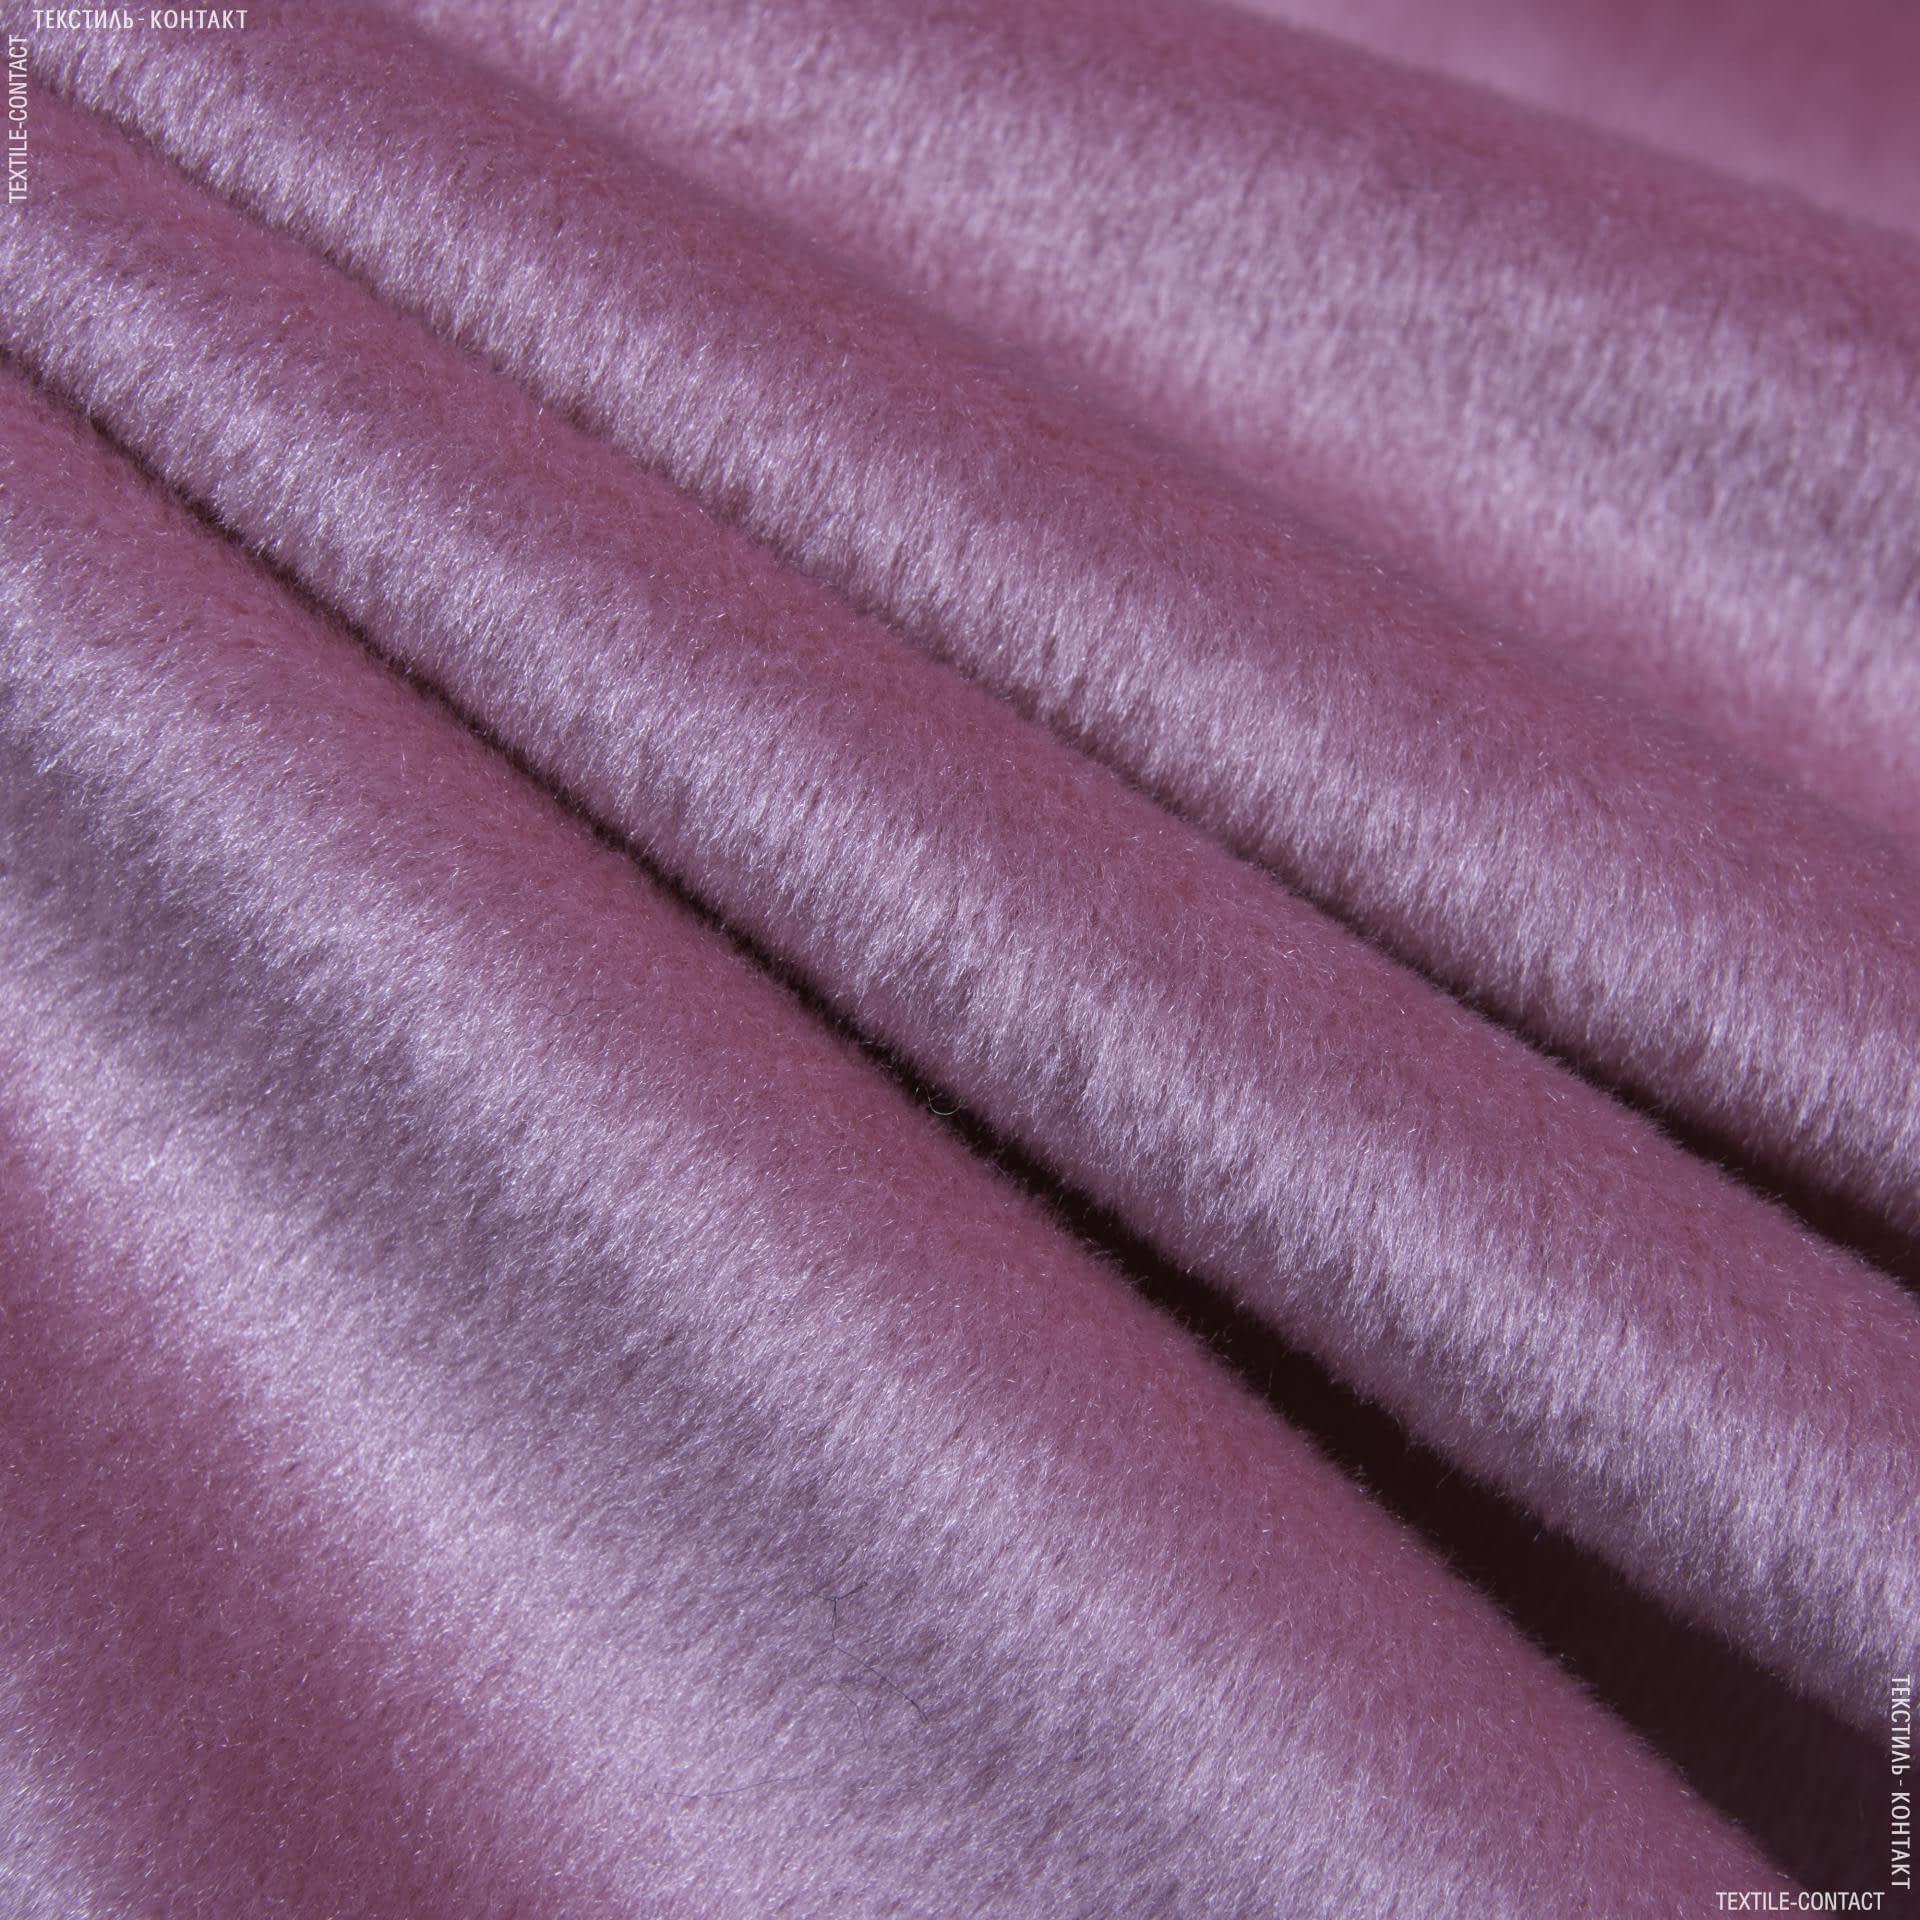 Ткани для мягких игрушек - Велюр темно-розовый